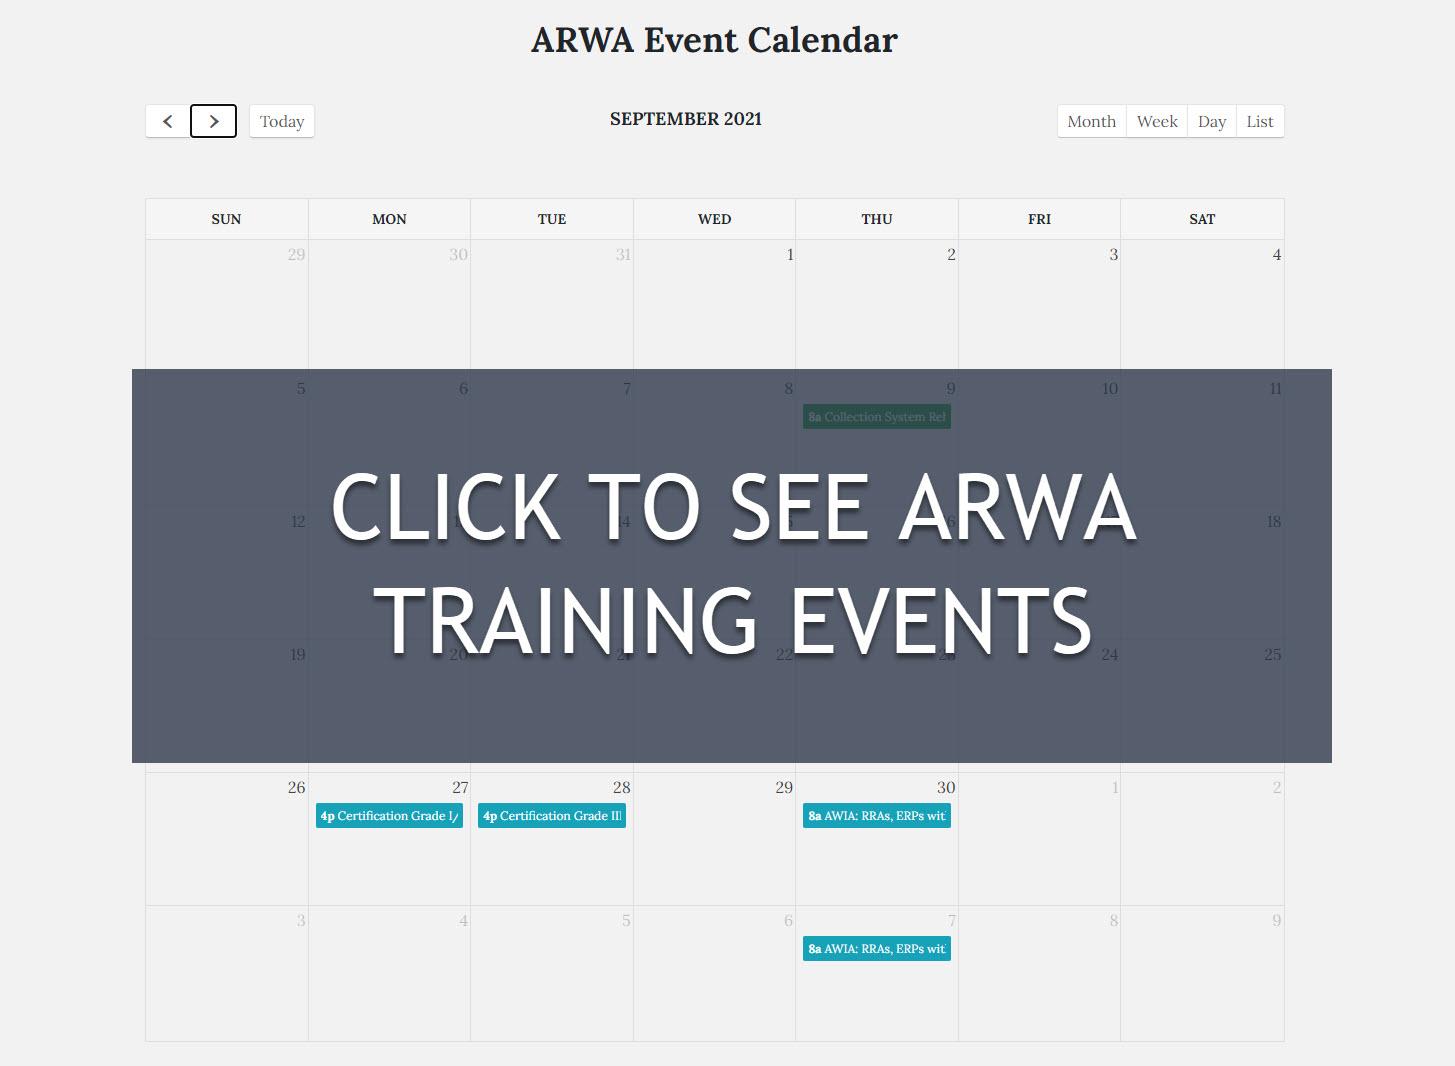 ARWA Training Schedule